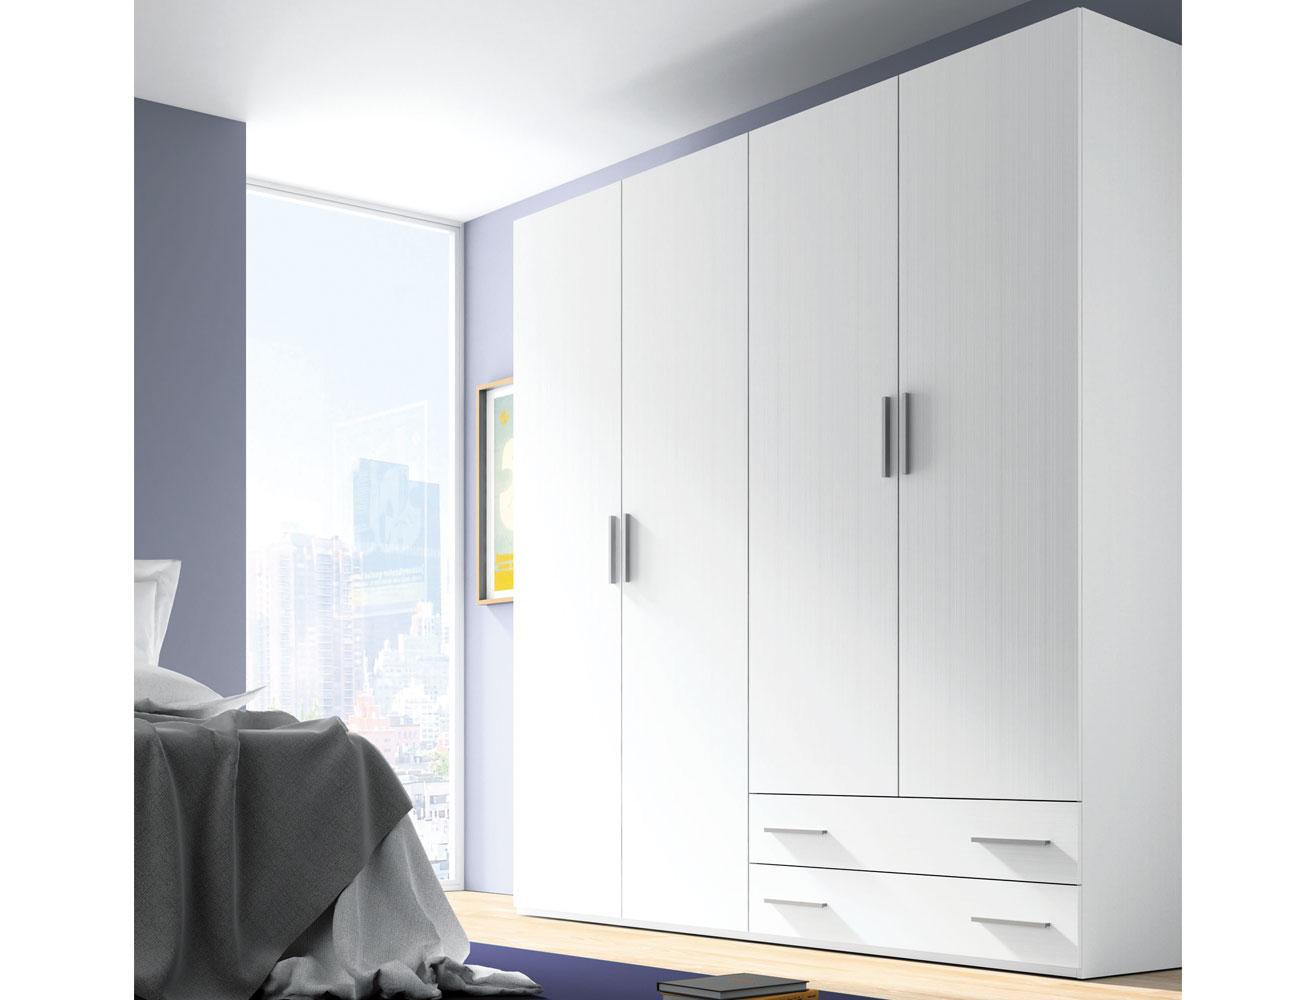 Armario 4 puertas abatibles en color blanco 5637 - Armarios puertas abatibles ...